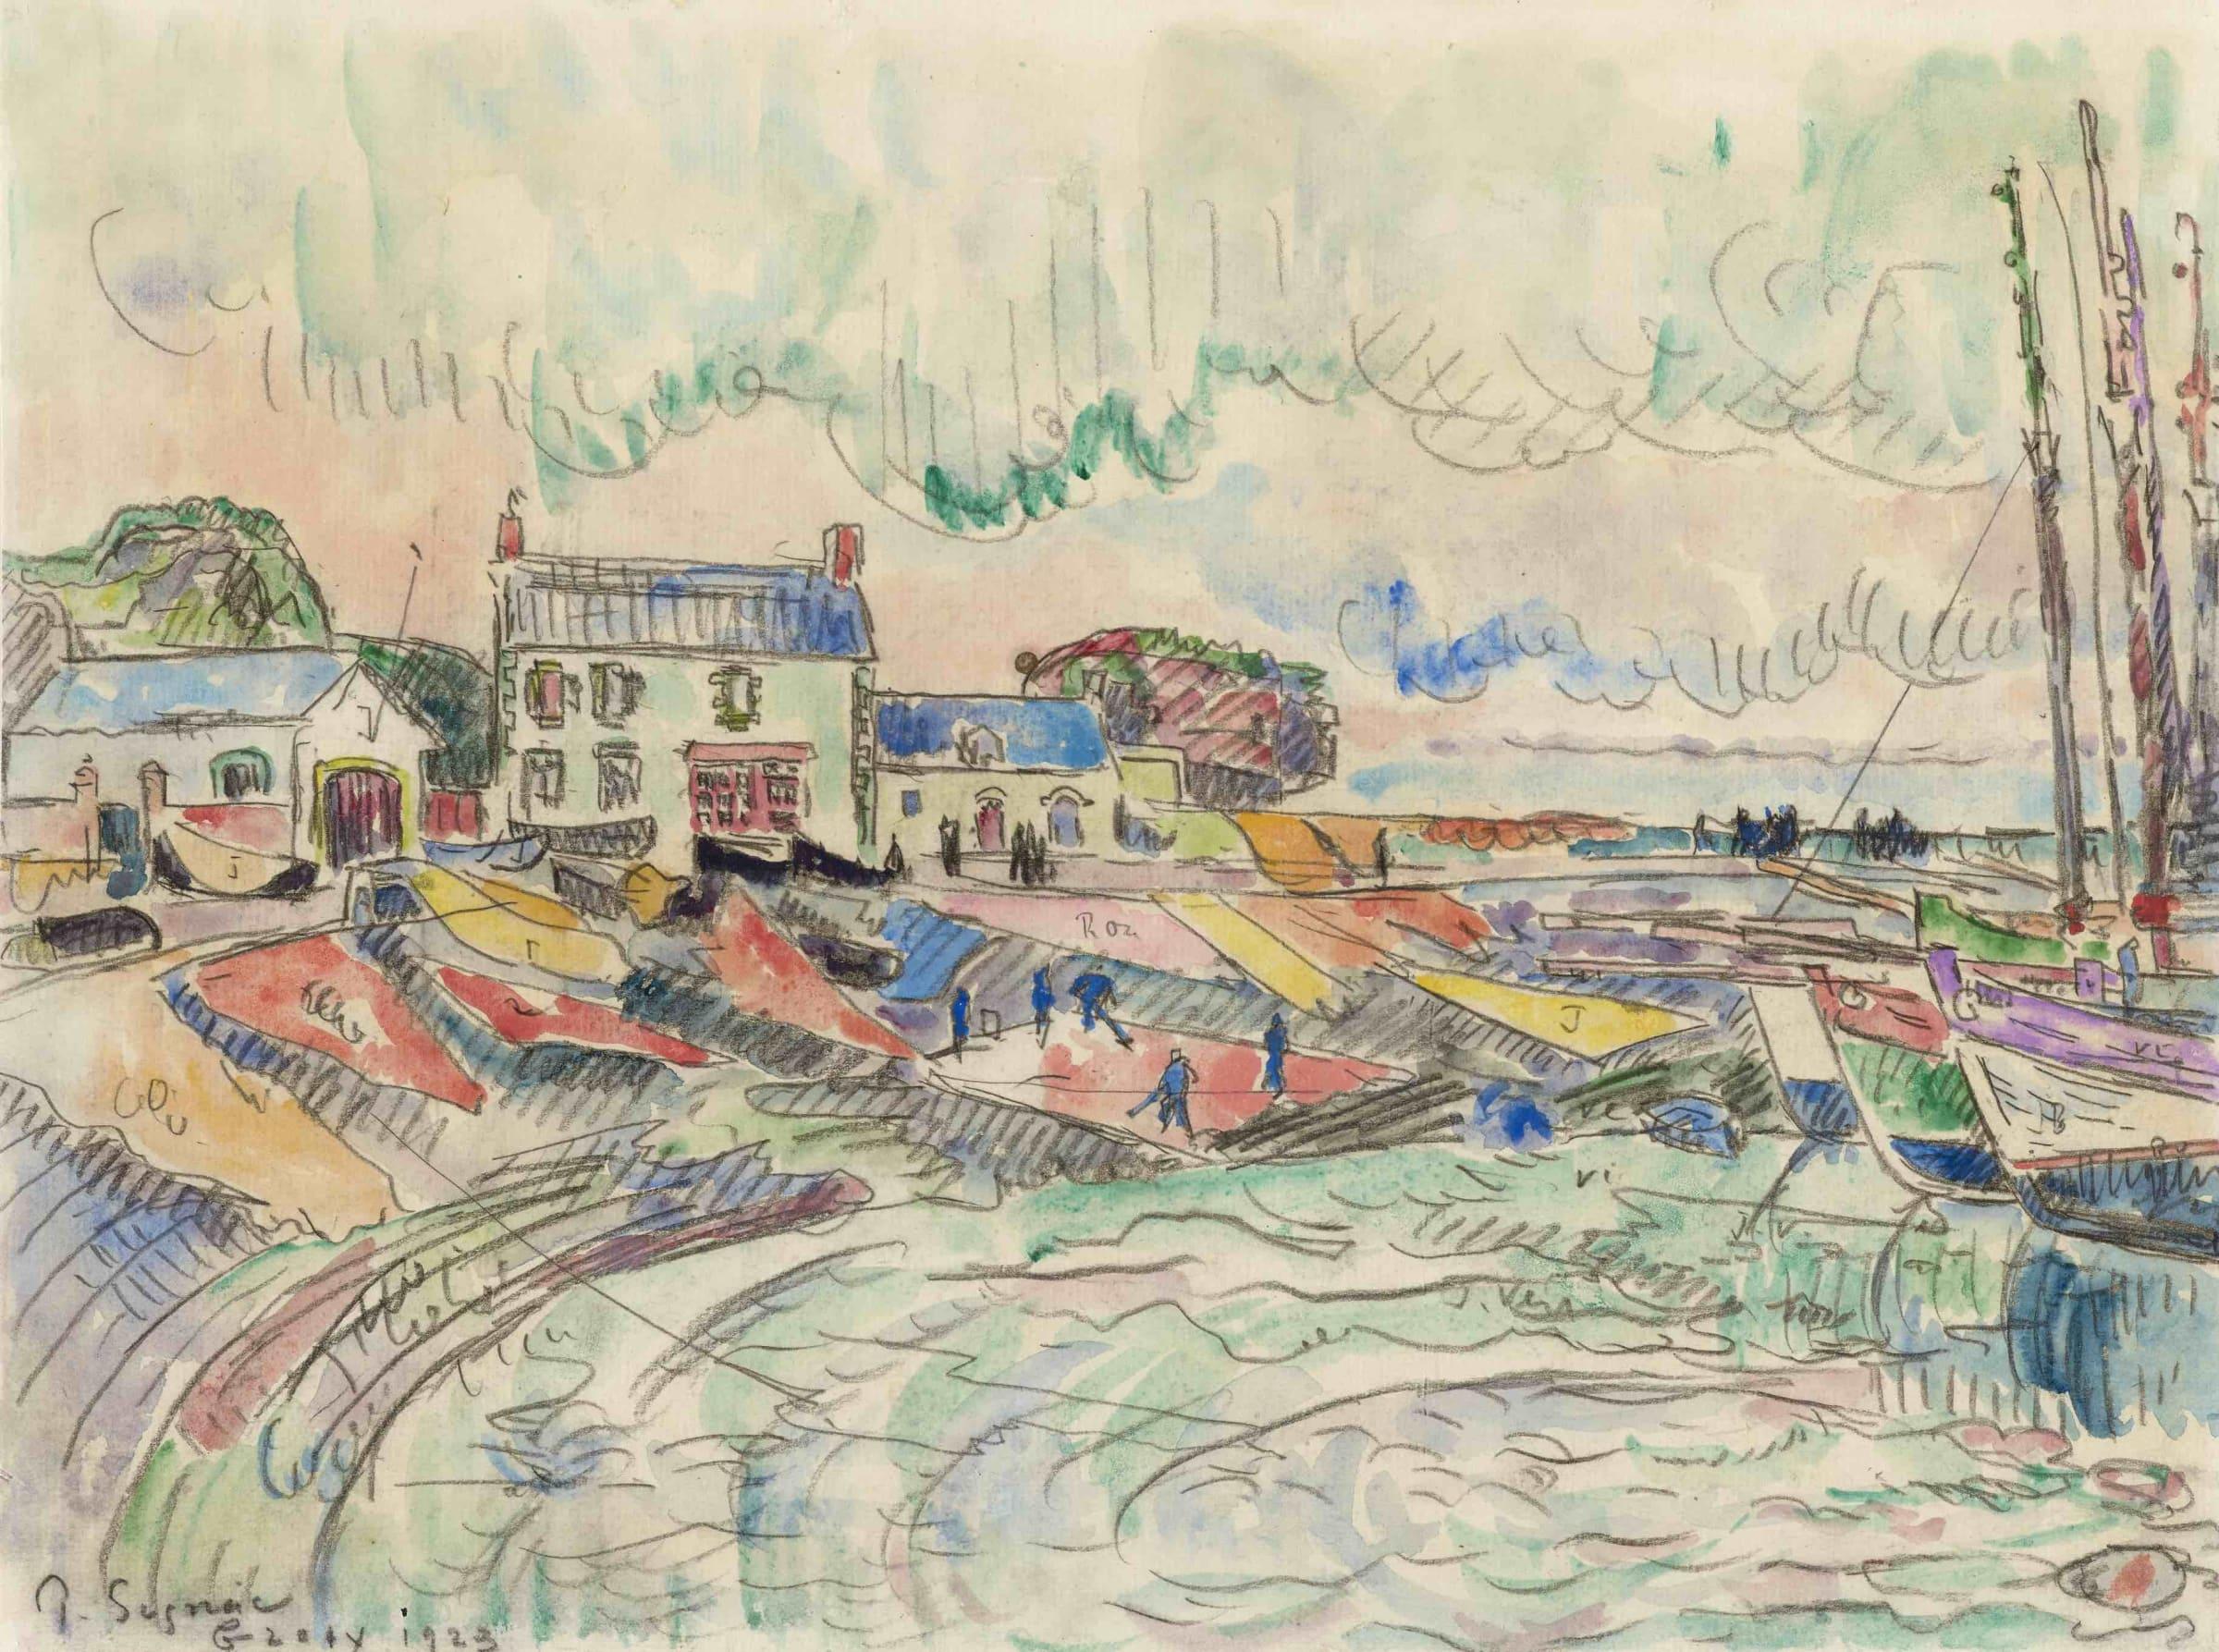 <span class=&#34;link fancybox-details-link&#34;><a href=&#34;/artists/75-paul-signac/works/9420-paul-signac-ile-de-groix-le-nettoyage-des-voiles.-1923/&#34;>View Detail Page</a></span><div class=&#34;artist&#34;><span class=&#34;artist&#34;><strong>Paul Signac</strong></span></div><div class=&#34;title&#34;><em>Ile de Groix, le nettoyage des voiles.</em>, 1923</div><div class=&#34;signed_and_dated&#34;>Signed, titled and dated lower left</div><div class=&#34;medium&#34;>Watercolour and pencil on paper</div><div class=&#34;dimensions&#34;>27.7 x 37.2 cm<br /> 10 7/8 x 14 5/8 inches</div>